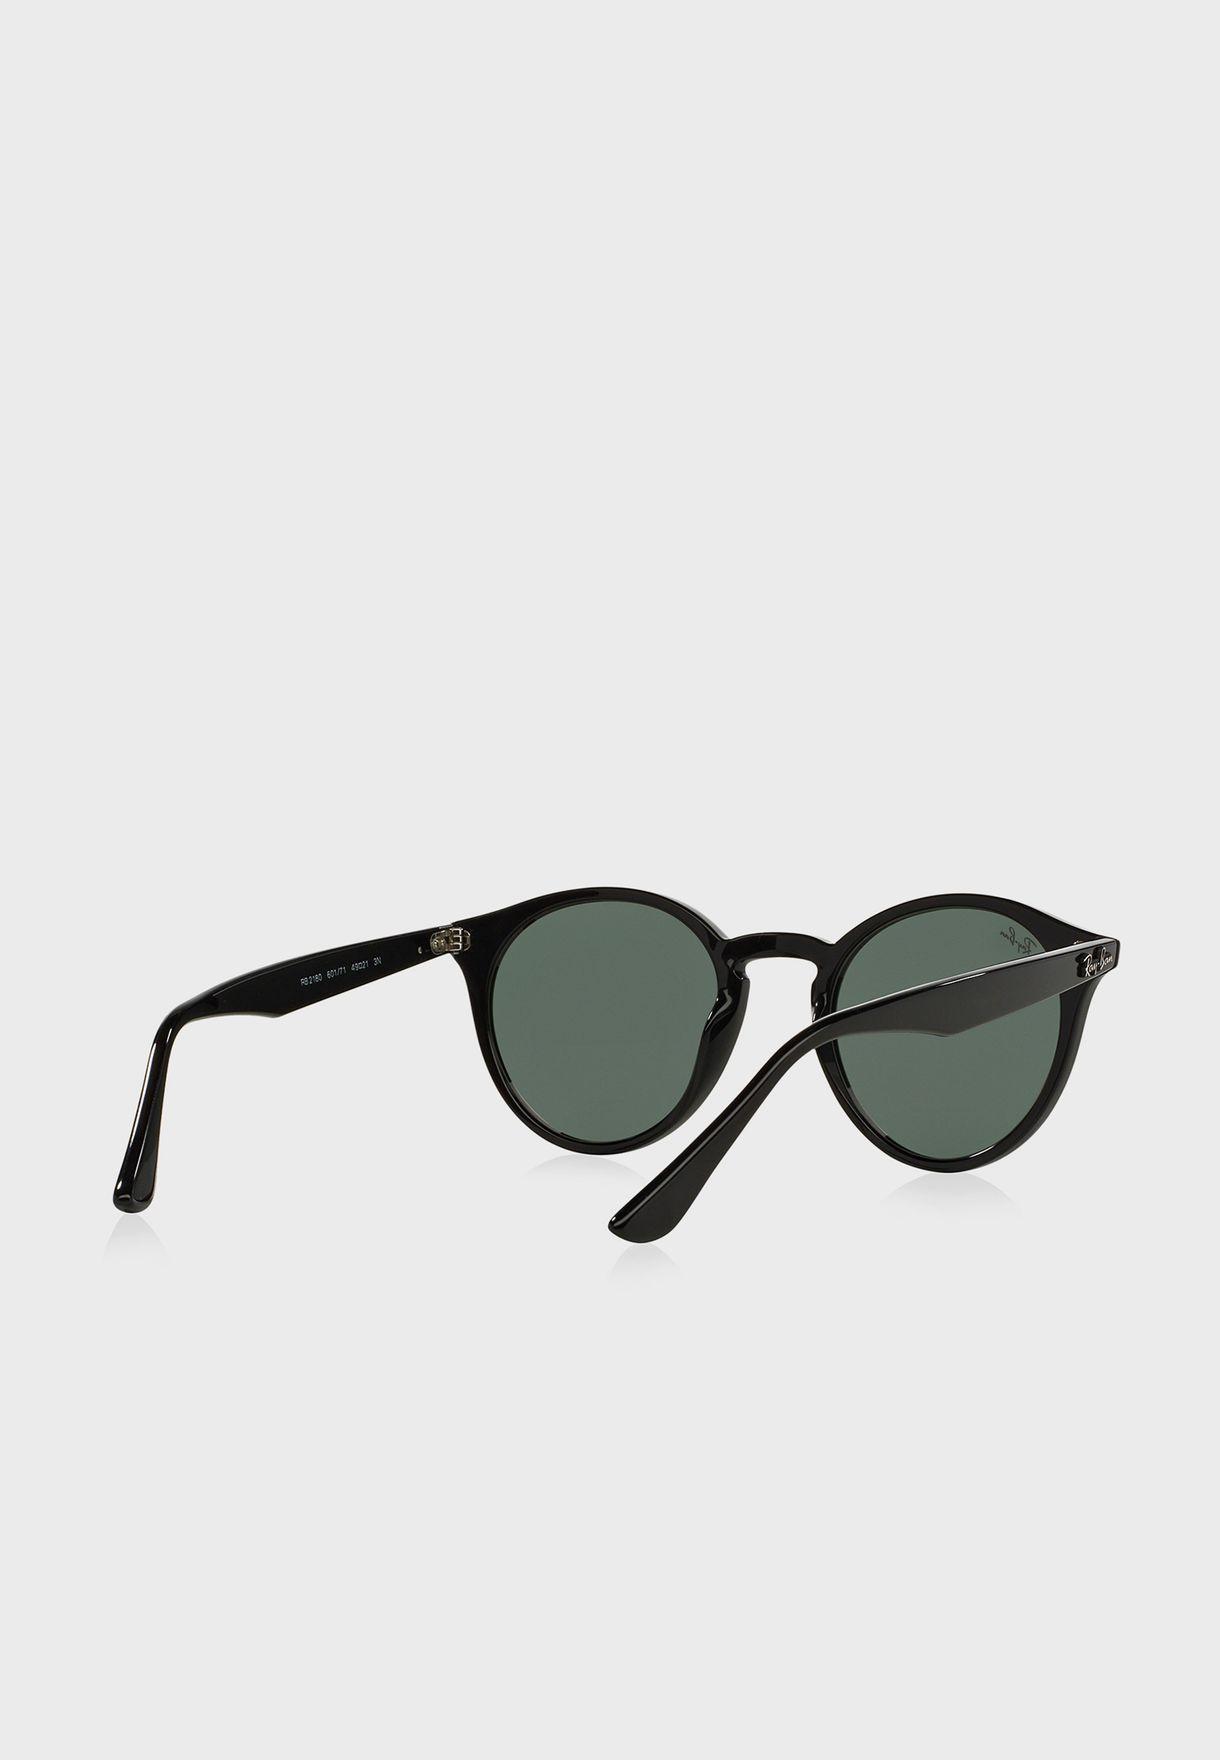 نظارة شمسية هاي ستريت مستديرة